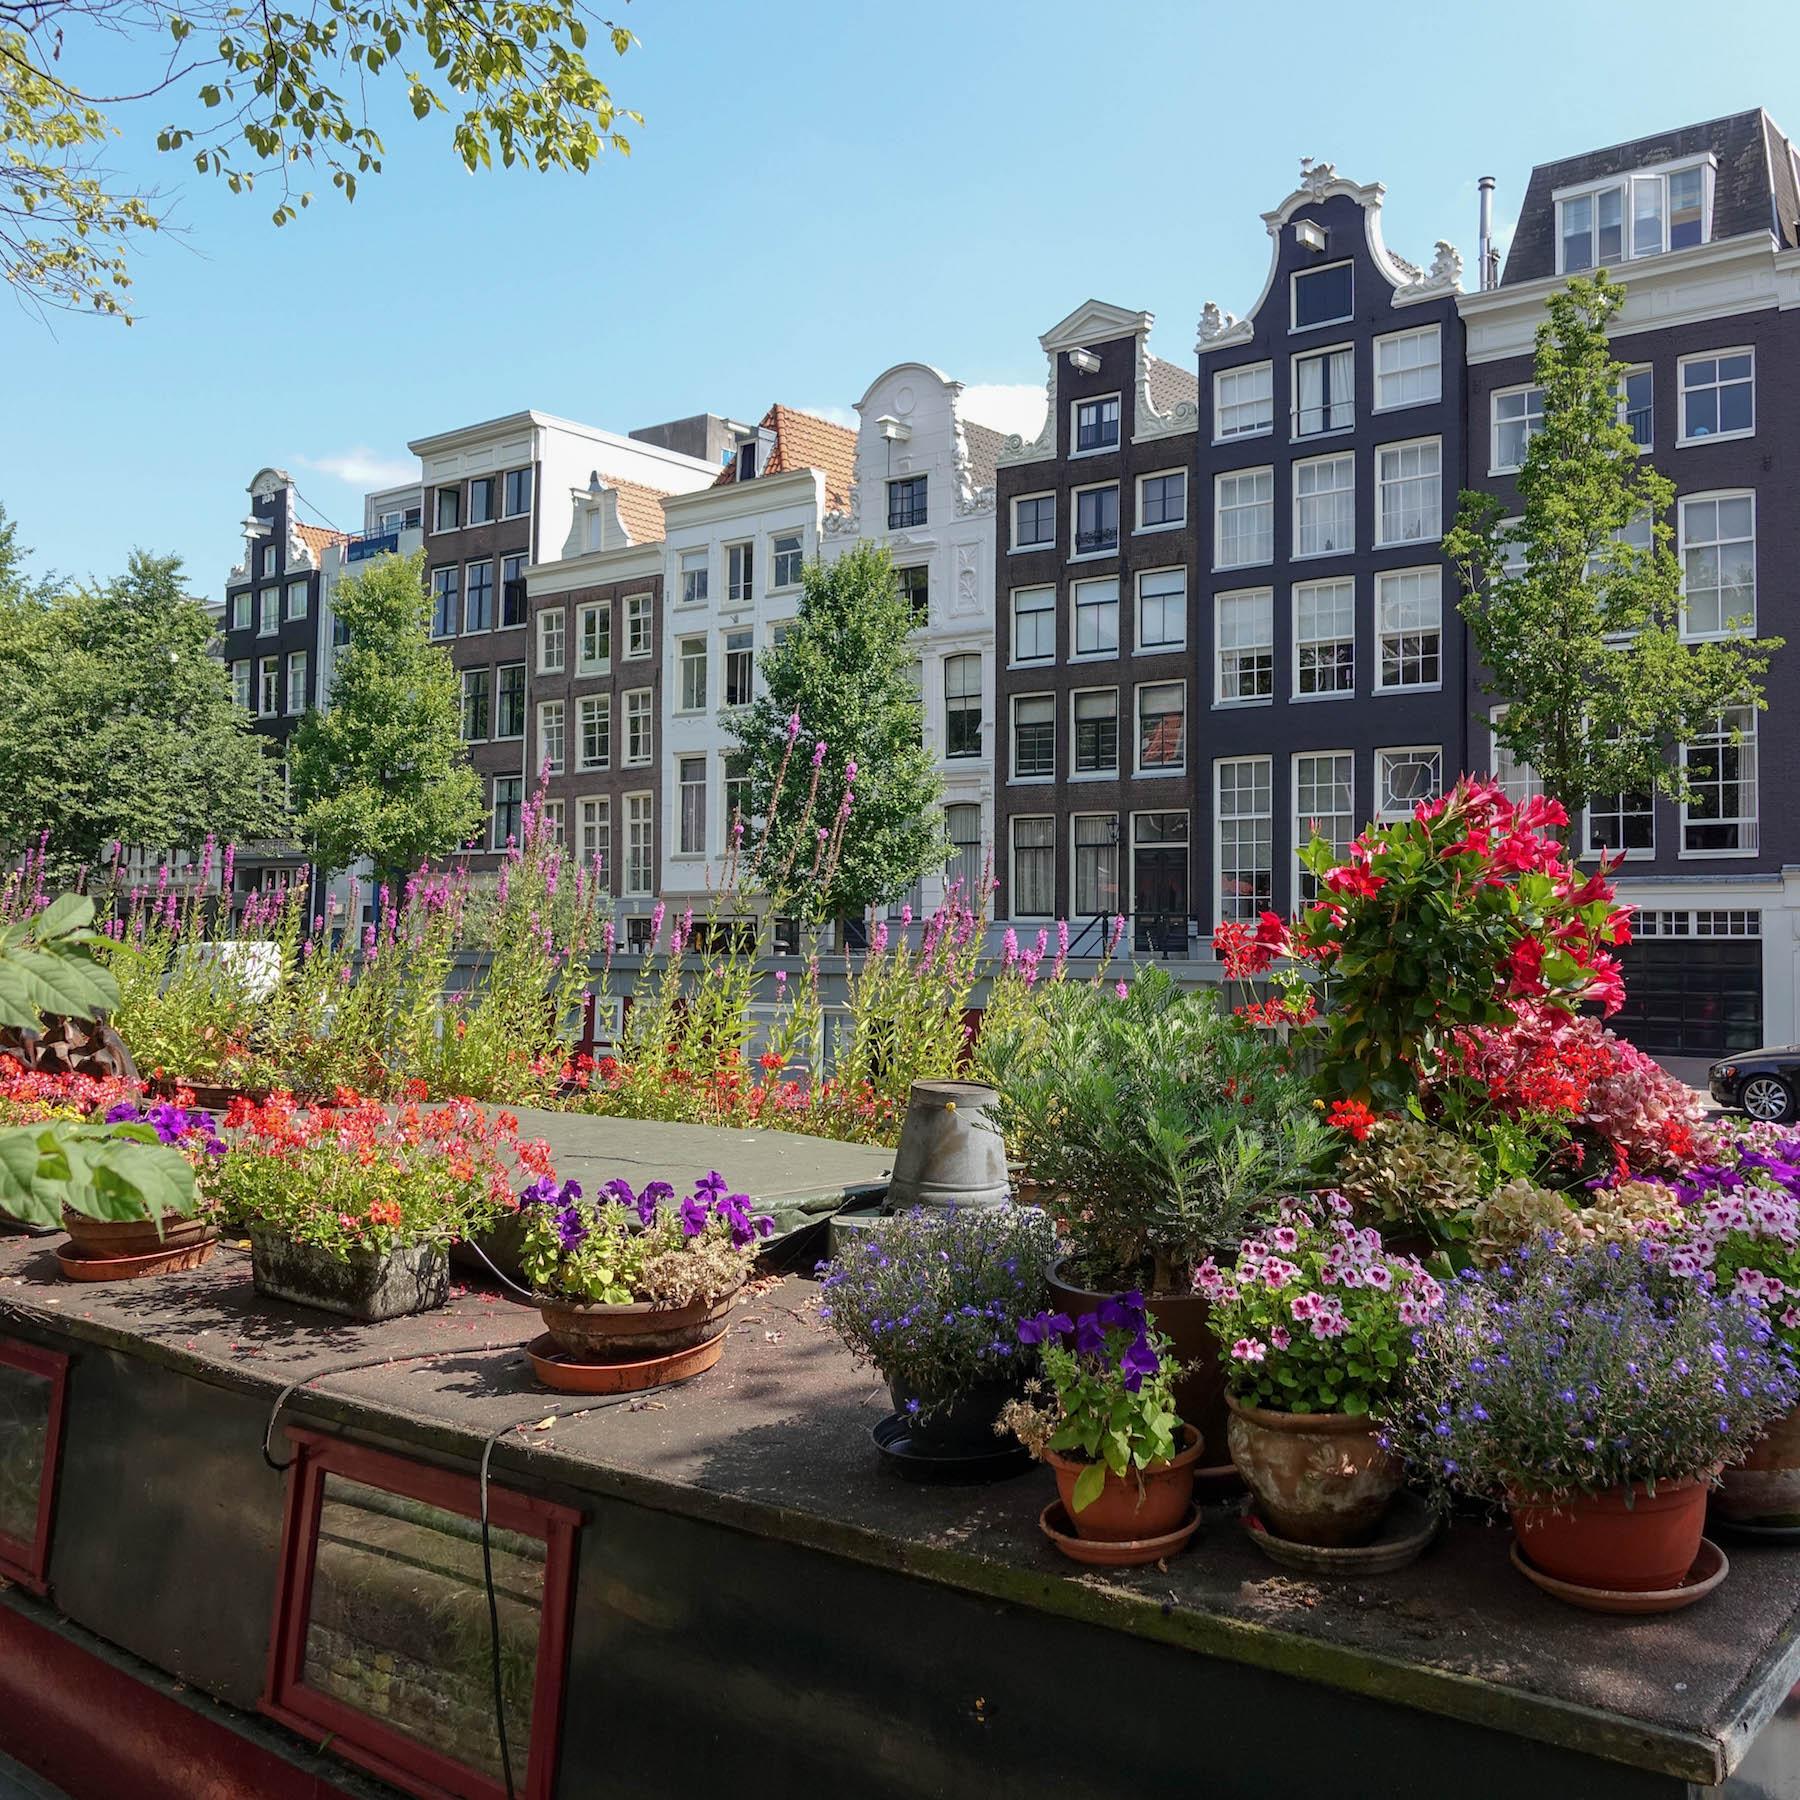 suelovesnyc_amsterdam_tipps_kurztrip_amsterdam_wochenende_hausboot